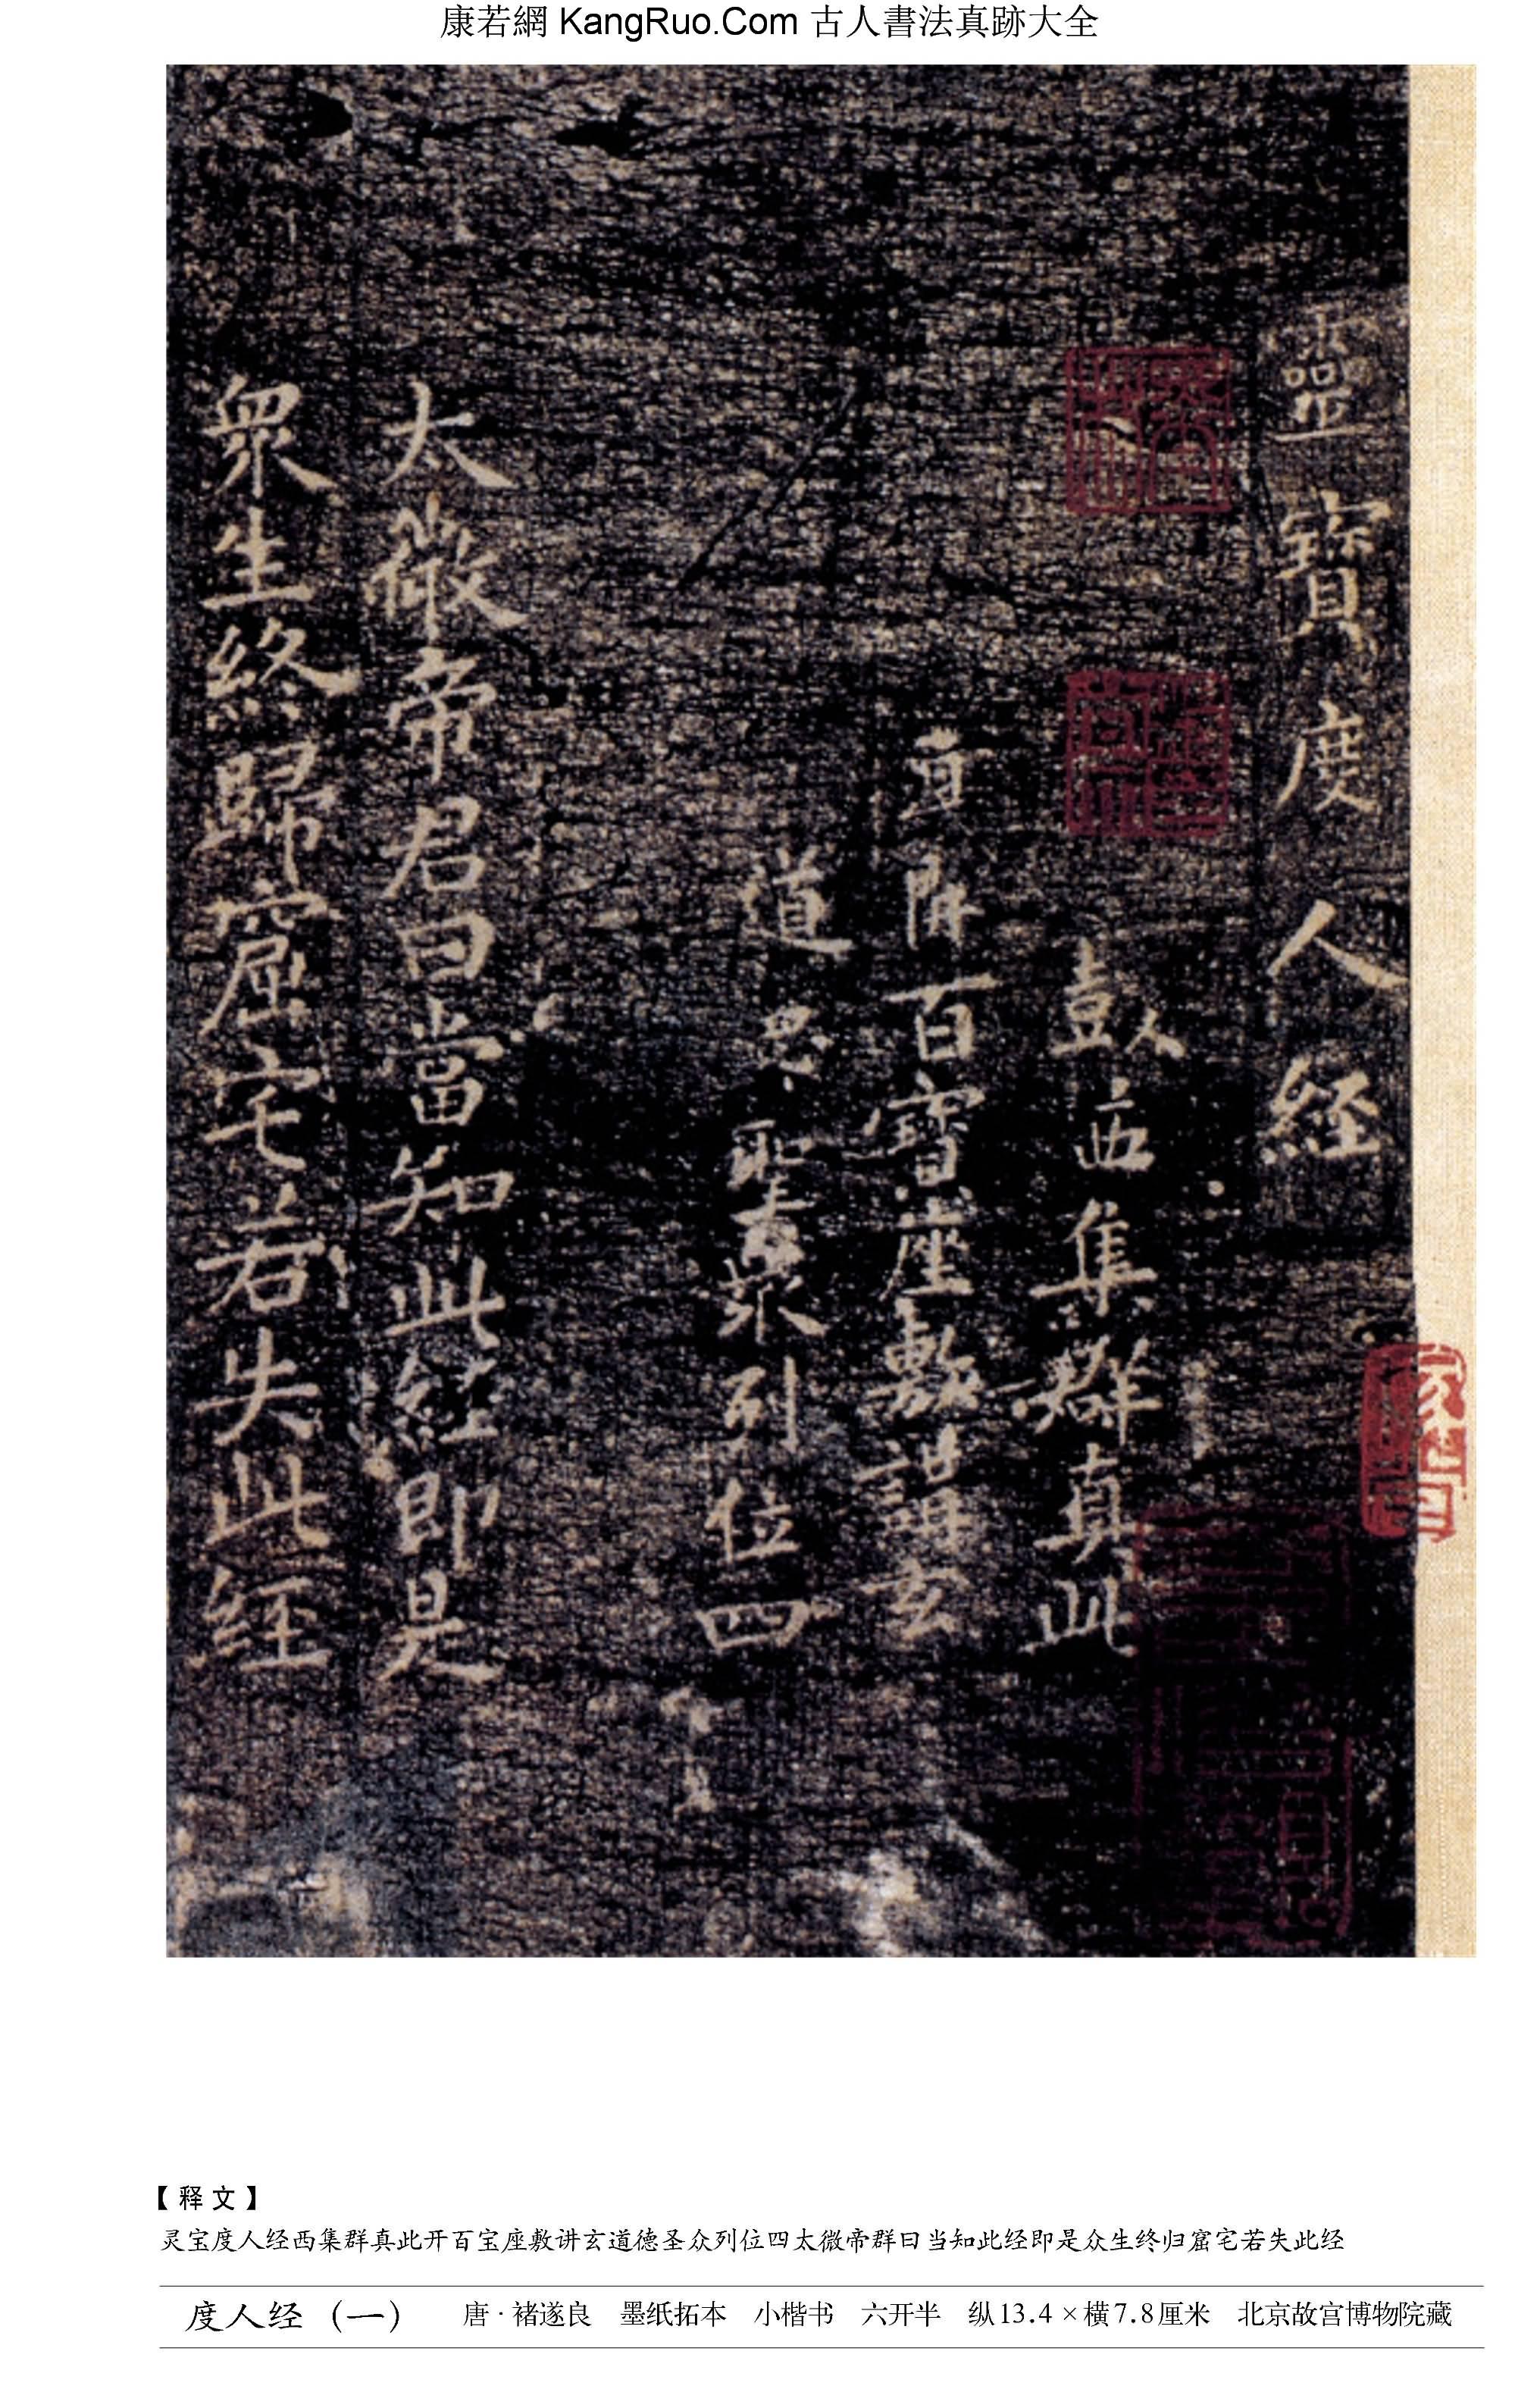 《度人經》墨紙拓本書法真跡(小楷)【唐代·褚遂良】_00059